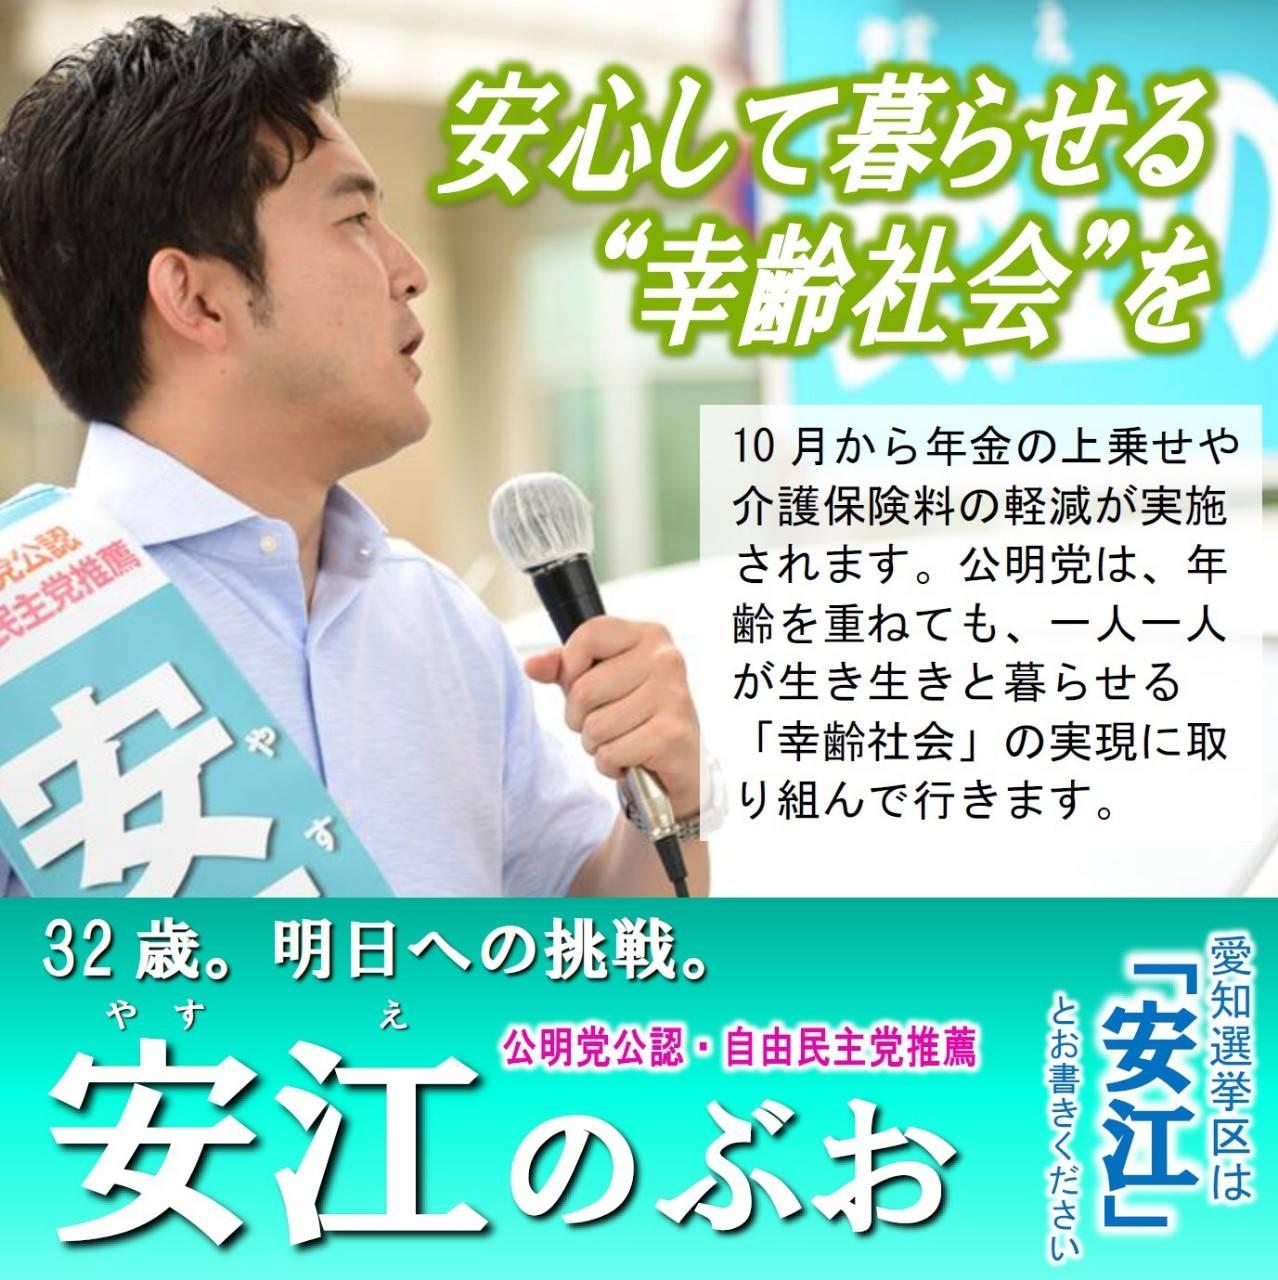 安心して暮らせる幸齢社会を|安江のぶお 2019年参院選 愛知選挙区候補